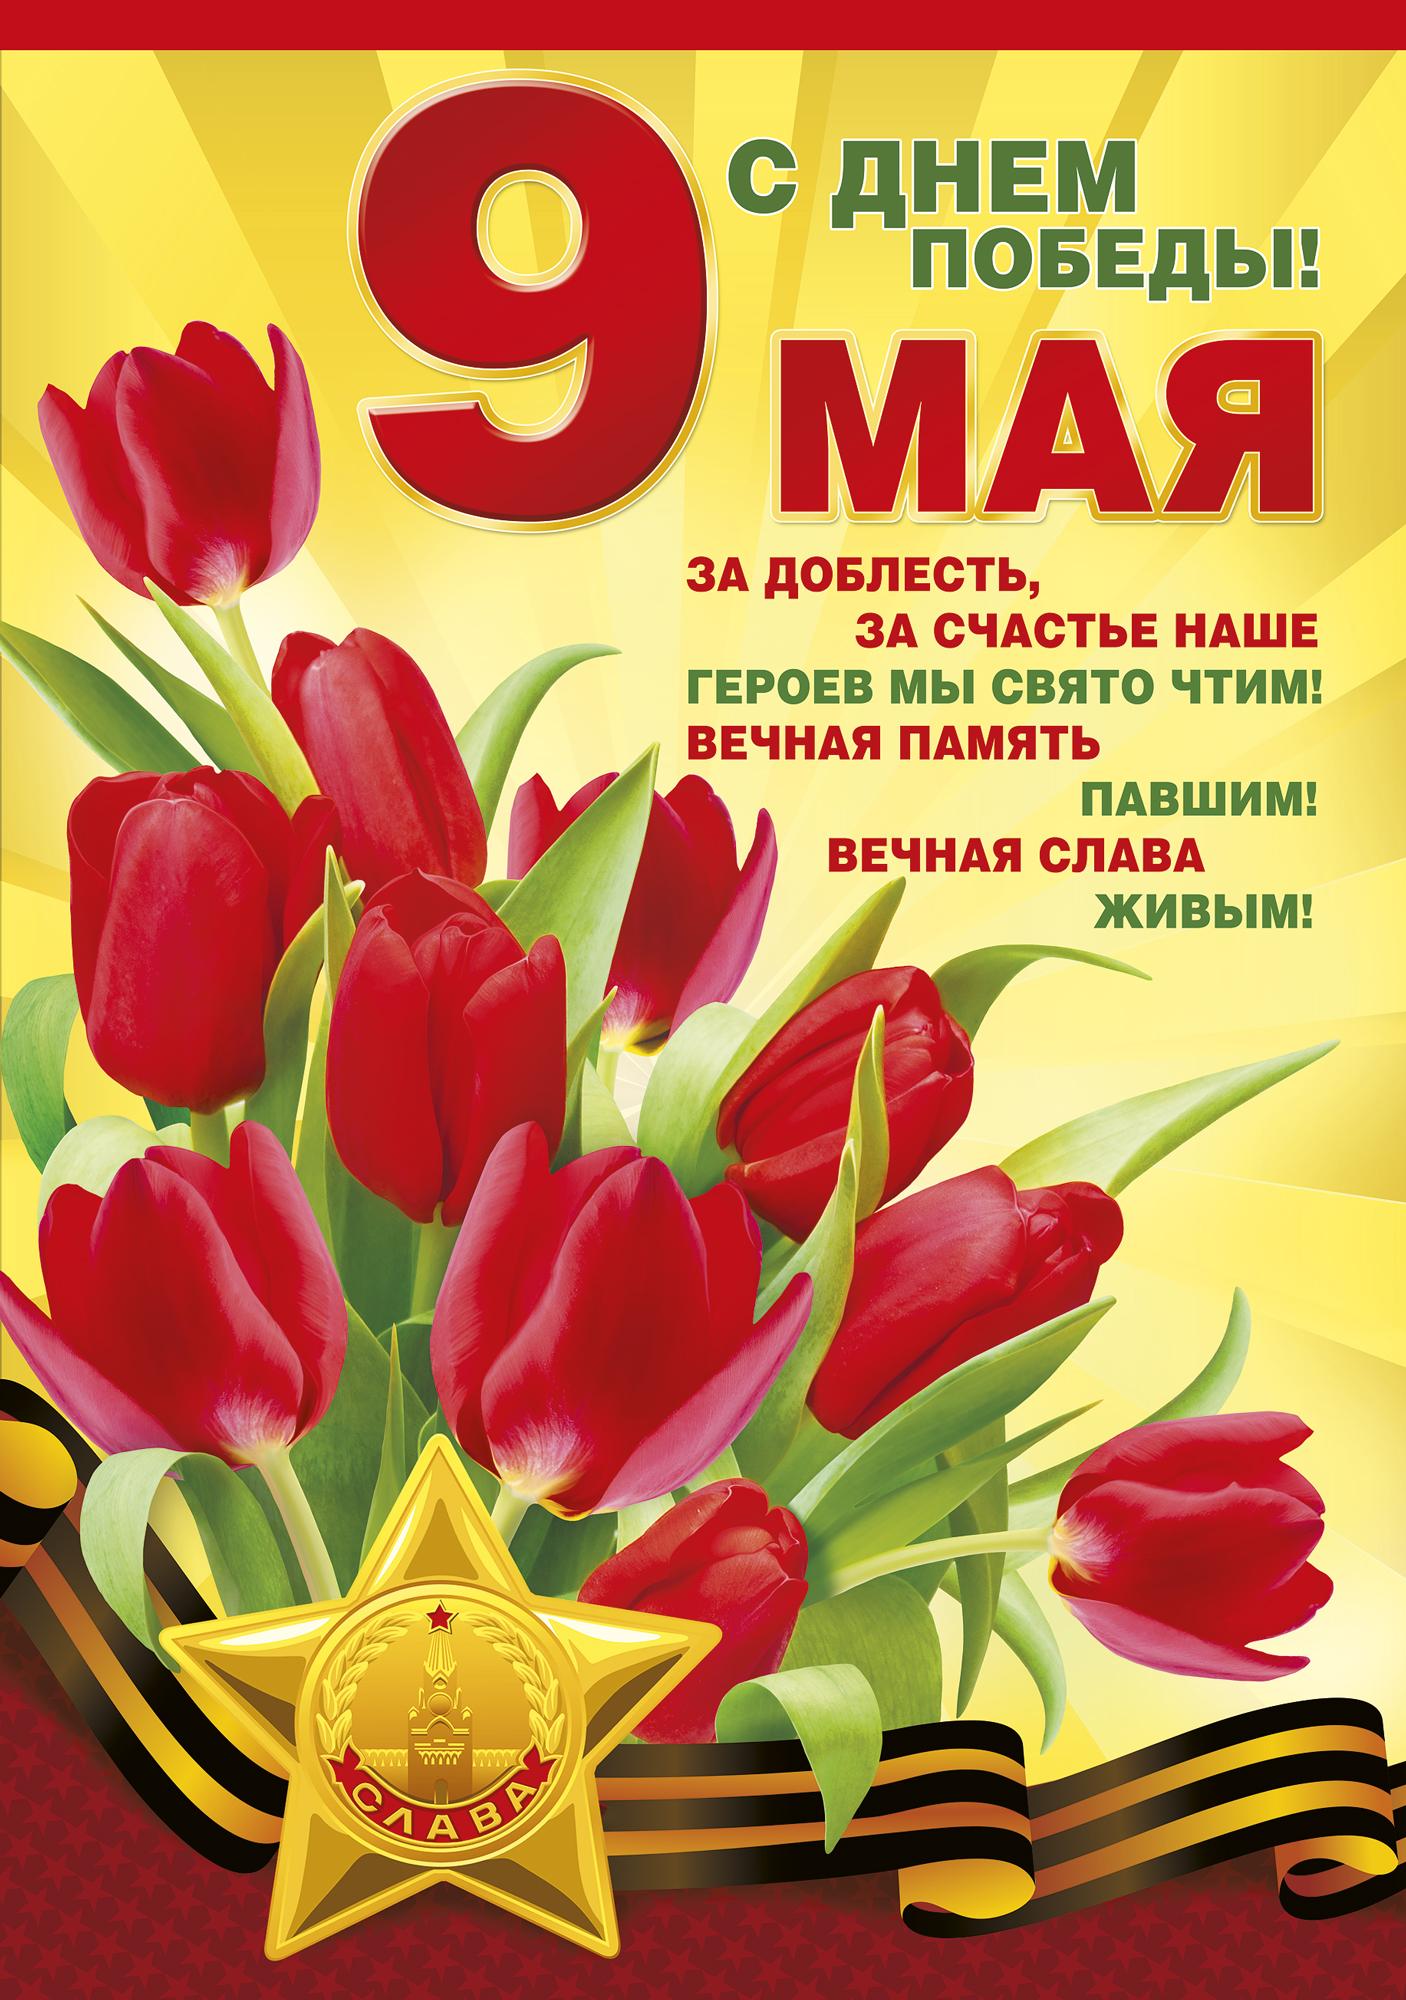 Открытки с поздравлениями 9 мая